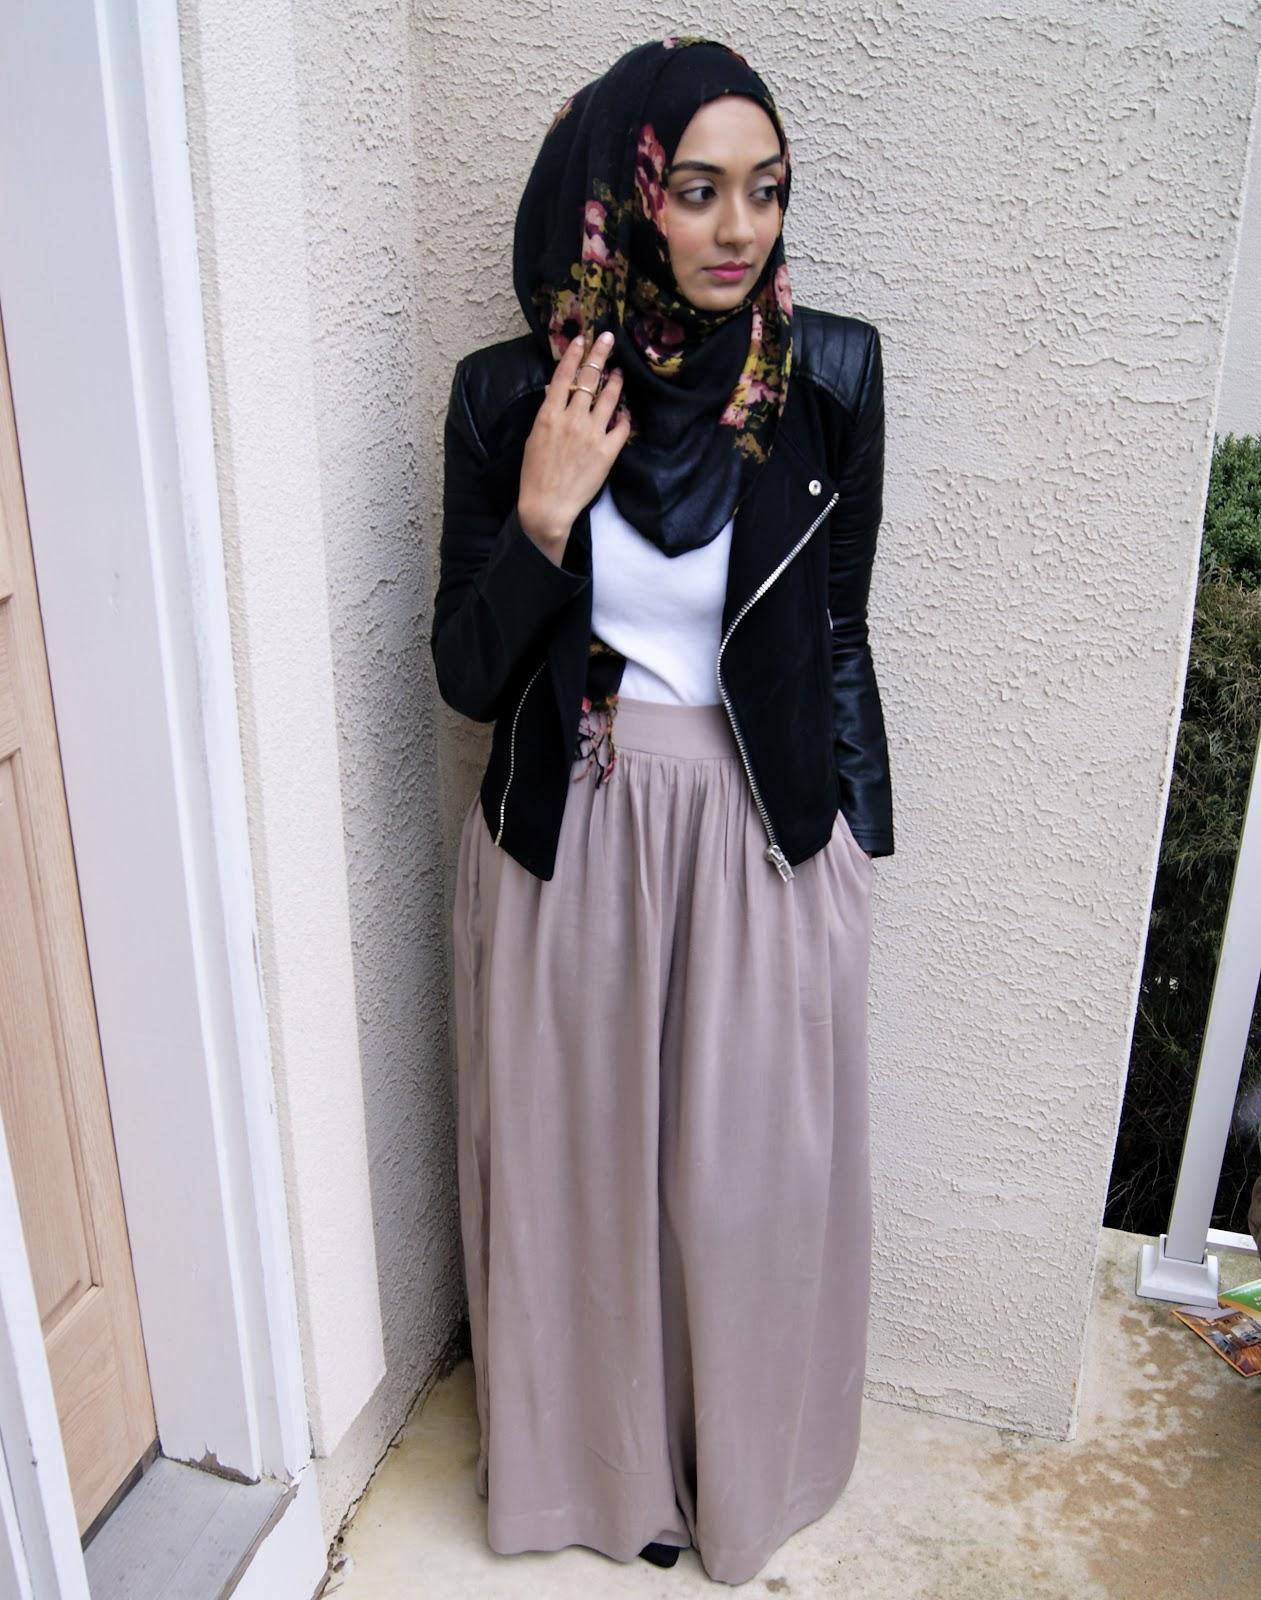 Simply Covered: Hot Hijabi: Palazzo Pants Ed.